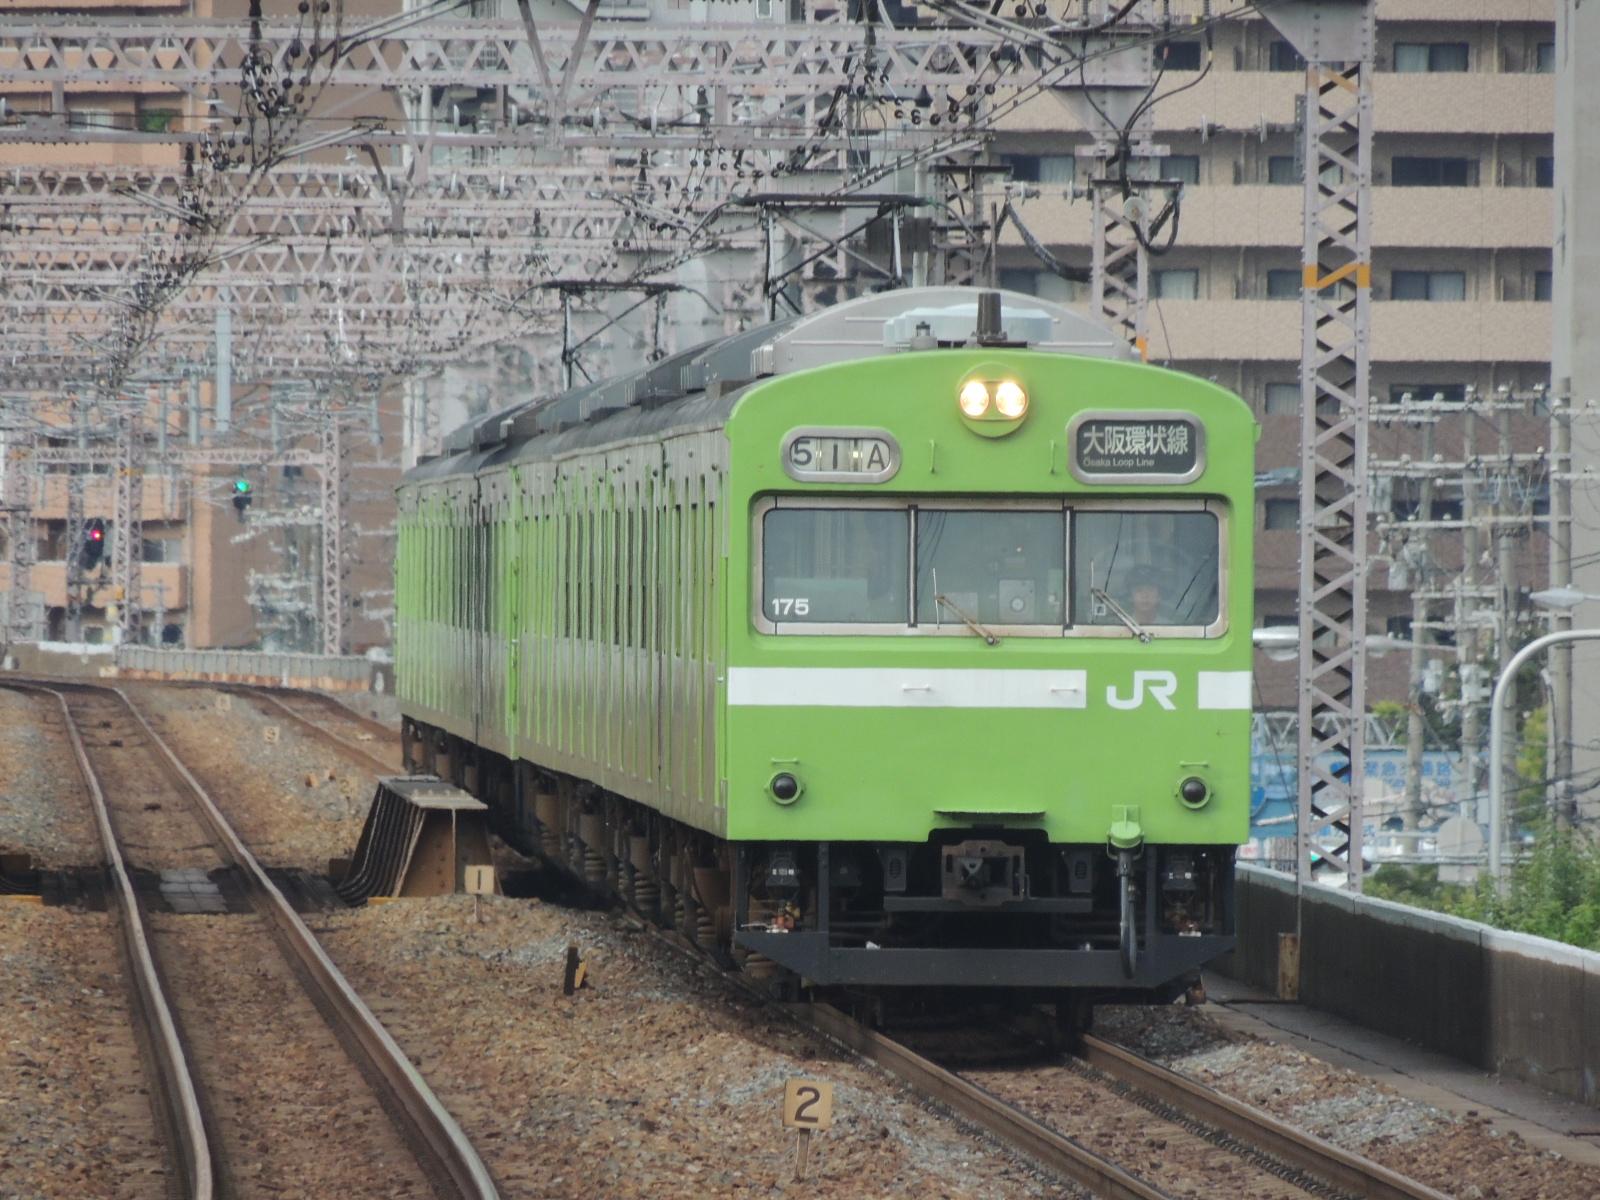 DSCN9253.jpg